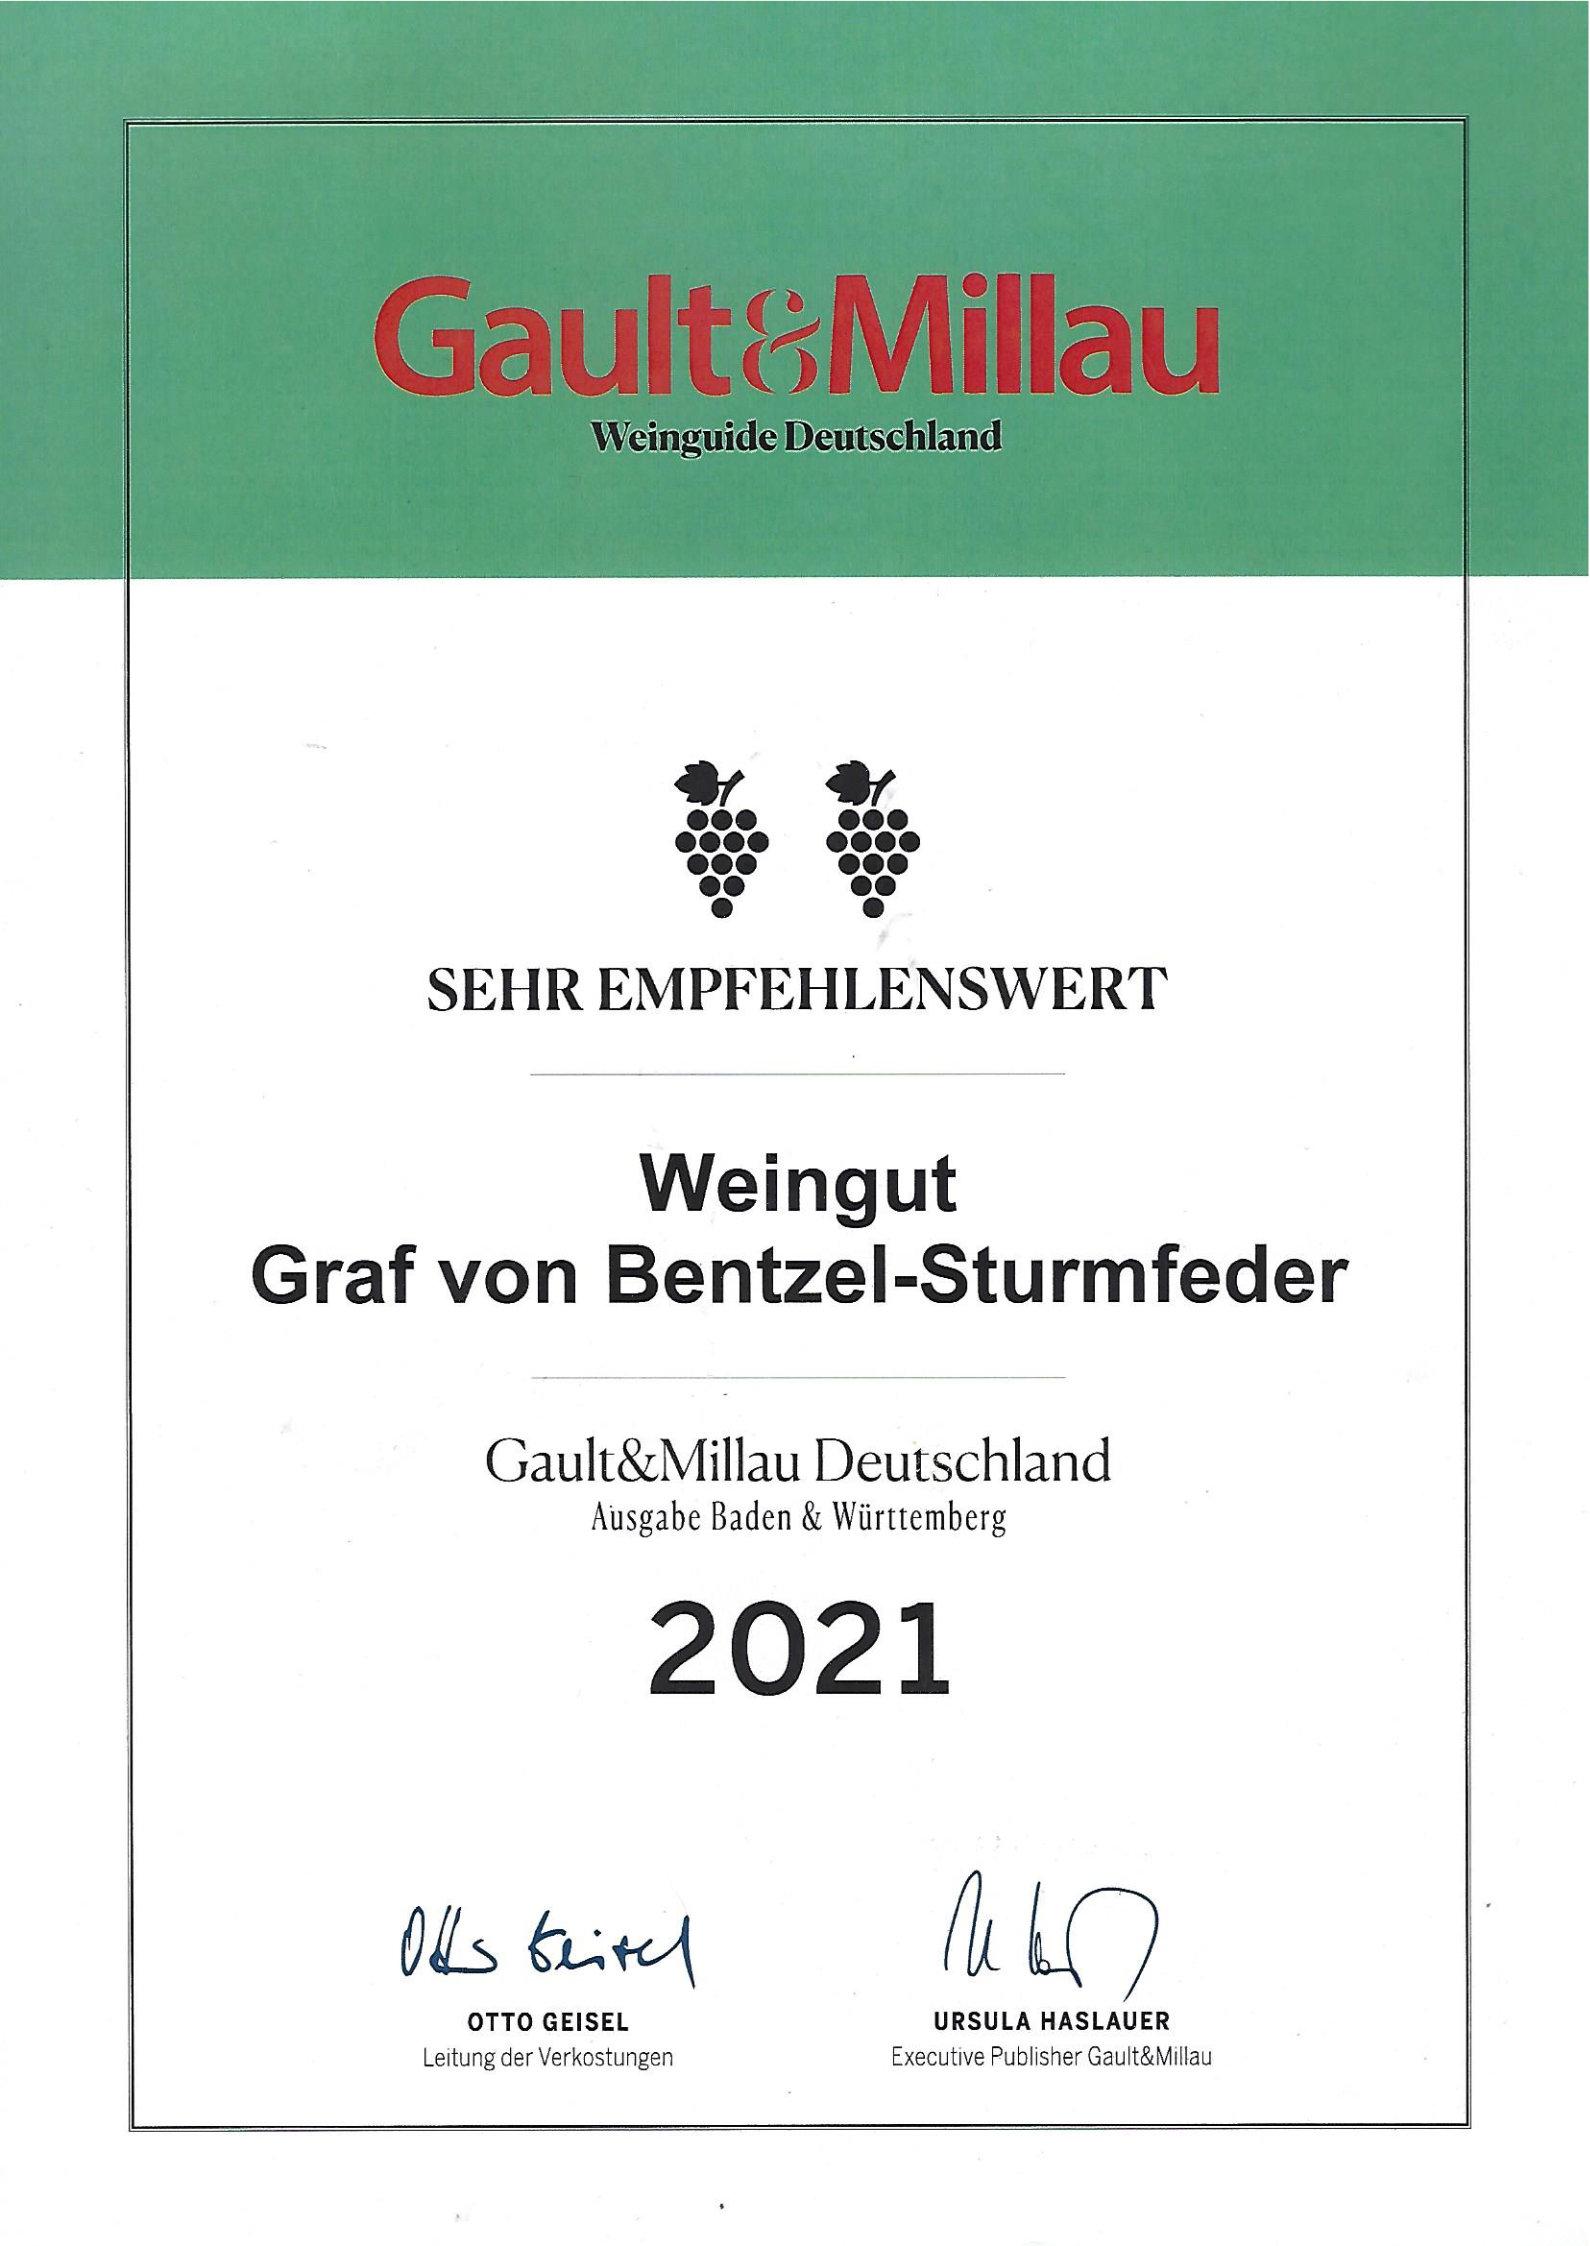 Gault&Millau Weinguide Deutschland 2021